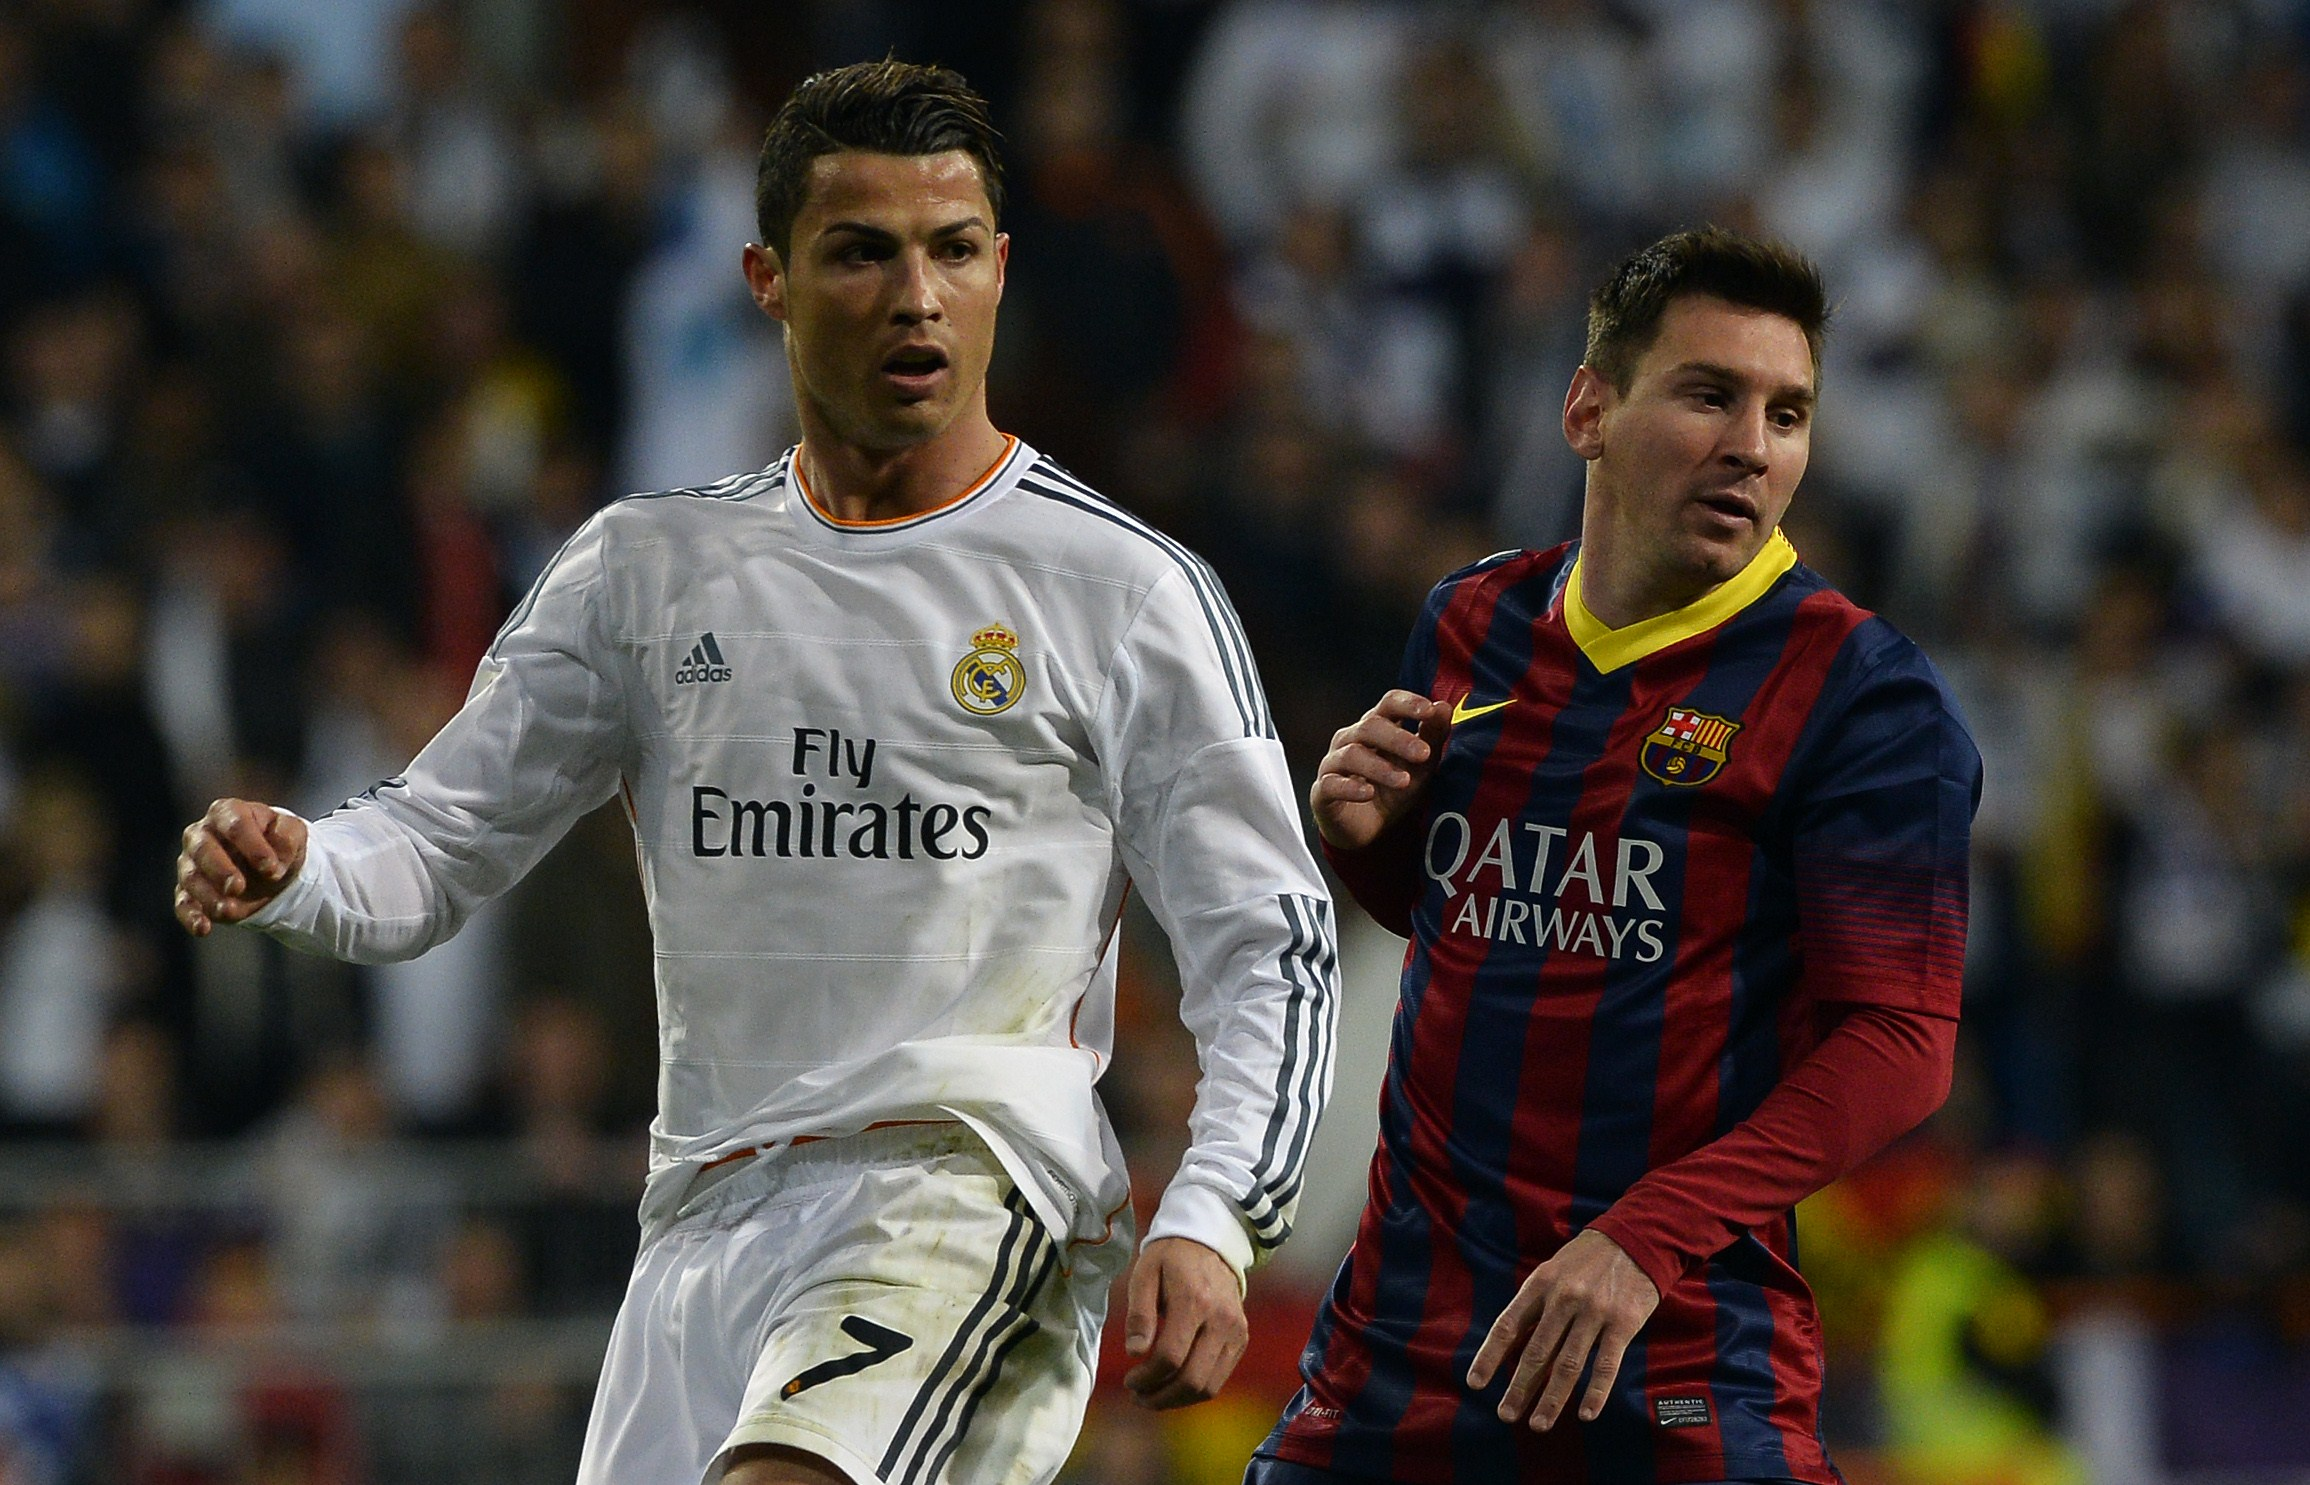 Real Madrid's Cristiano Ronaldo (L) and Barcelona's Lionel Messi